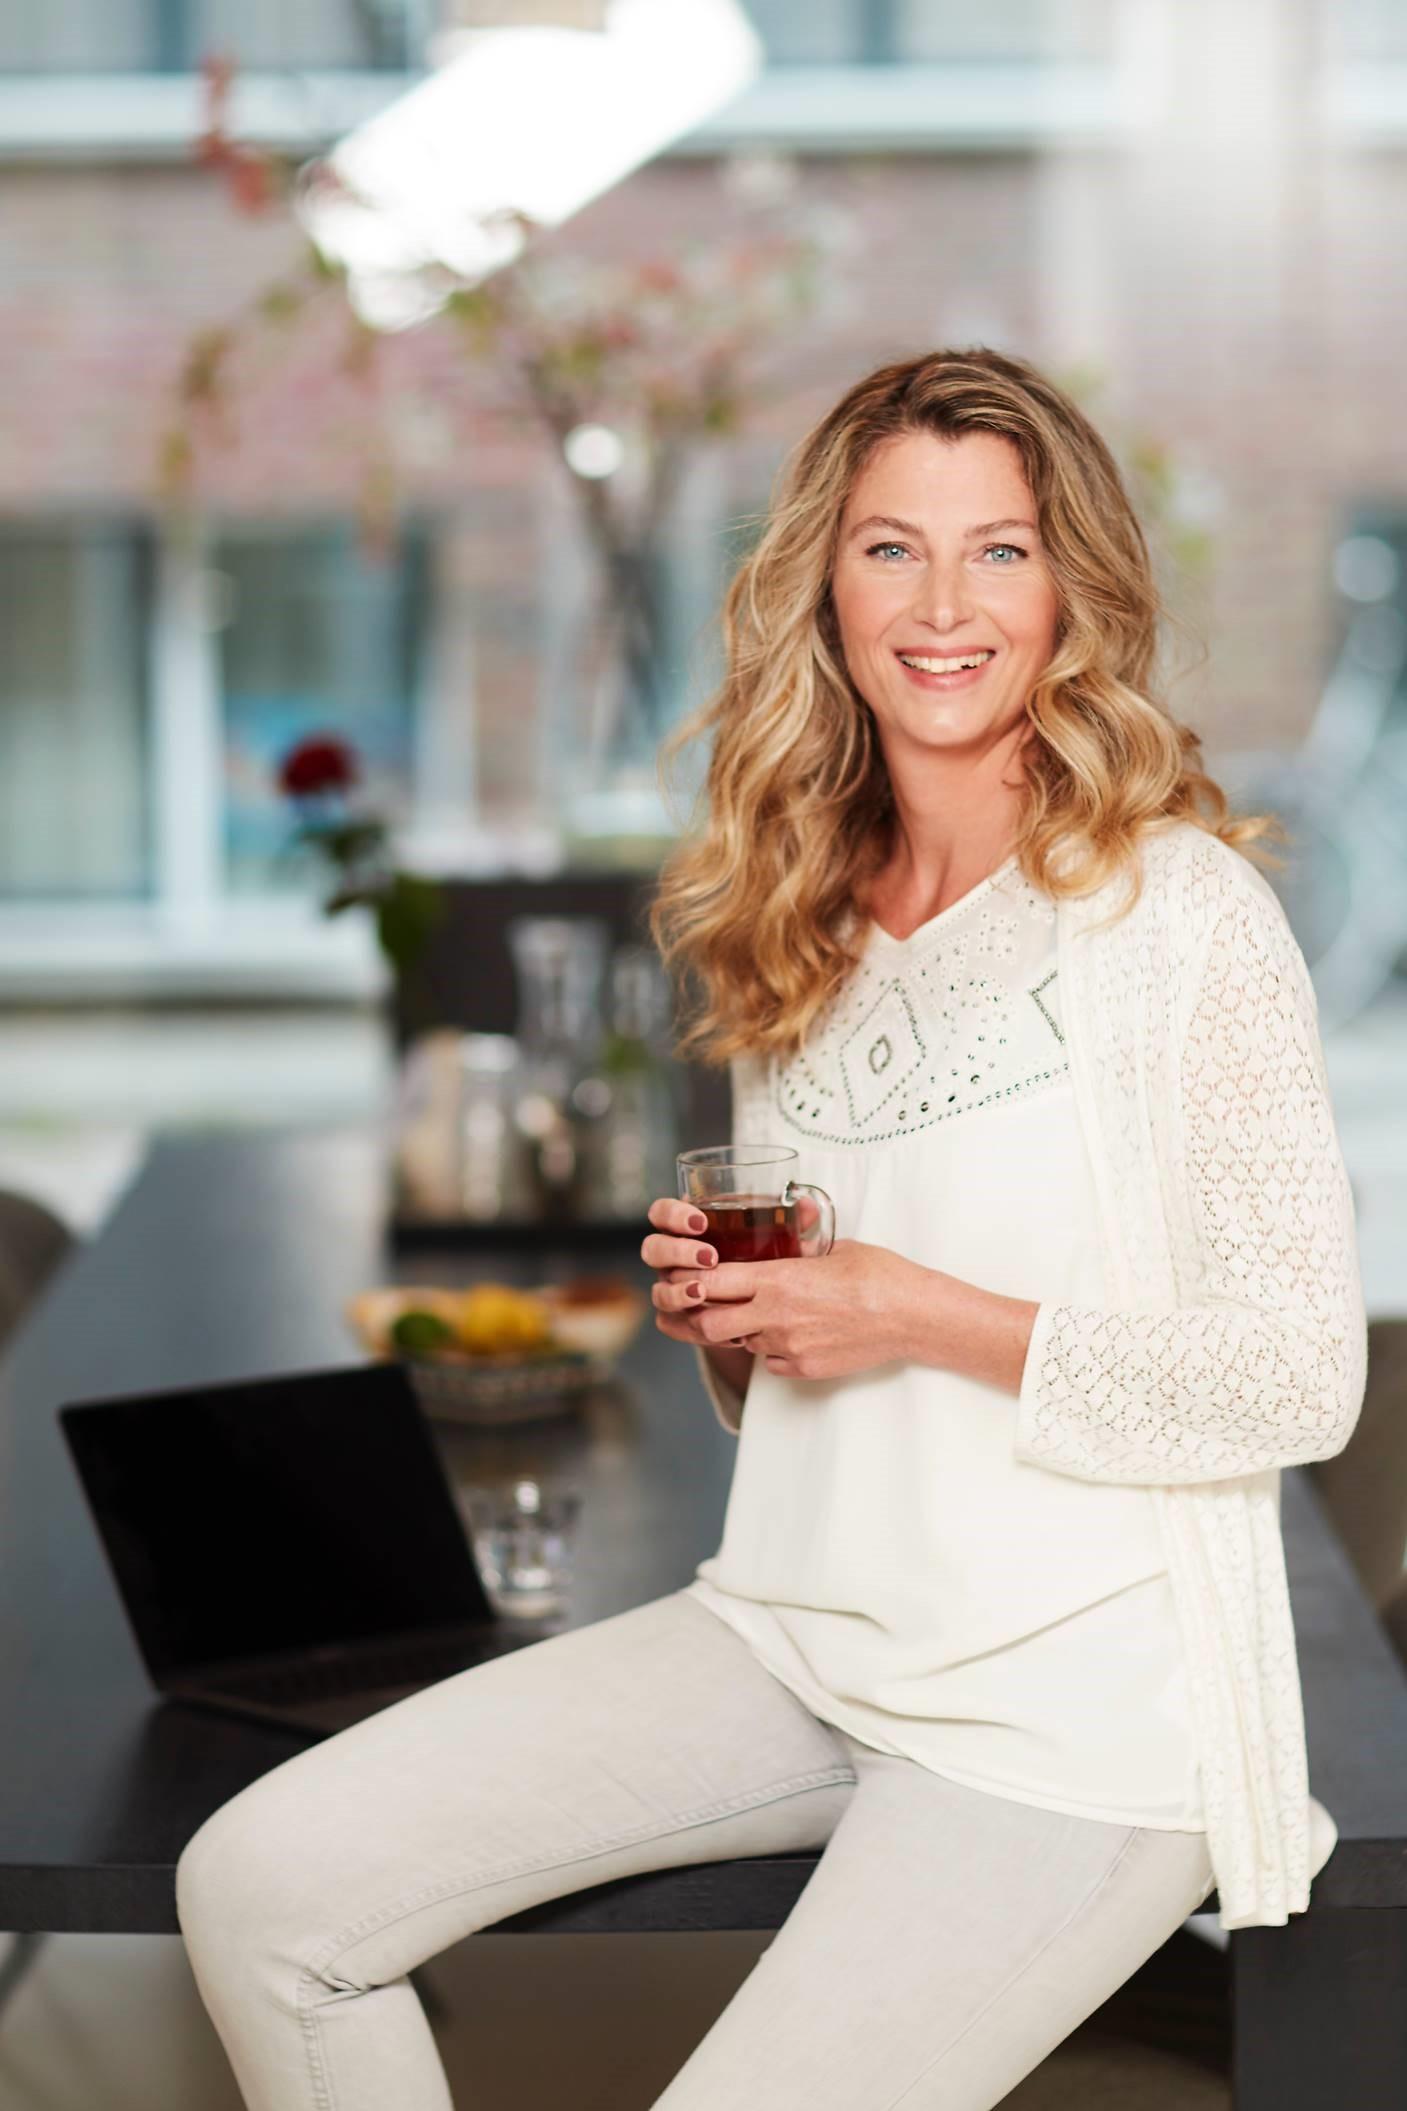 Renske Veldhoff is de nieuwe hoofdredacteur van Vriendin